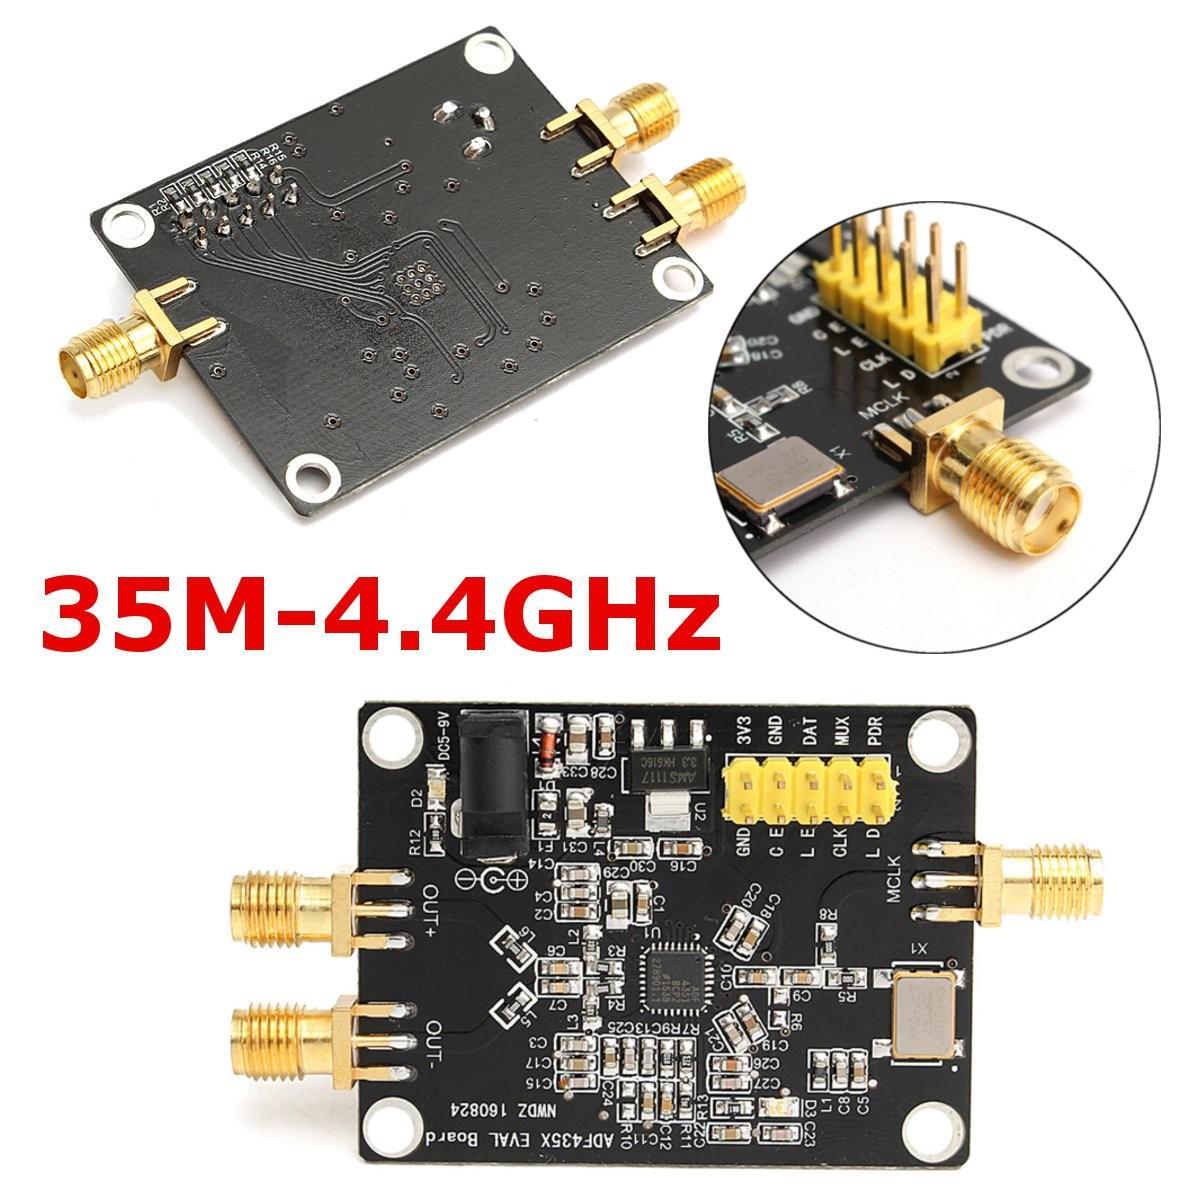 ¡Novedad! 1 unidad de sintetizador de frecuencia de fuente de señal RF PLL de 35 M-4,4 GHz, placa de desarrollo ADF4351